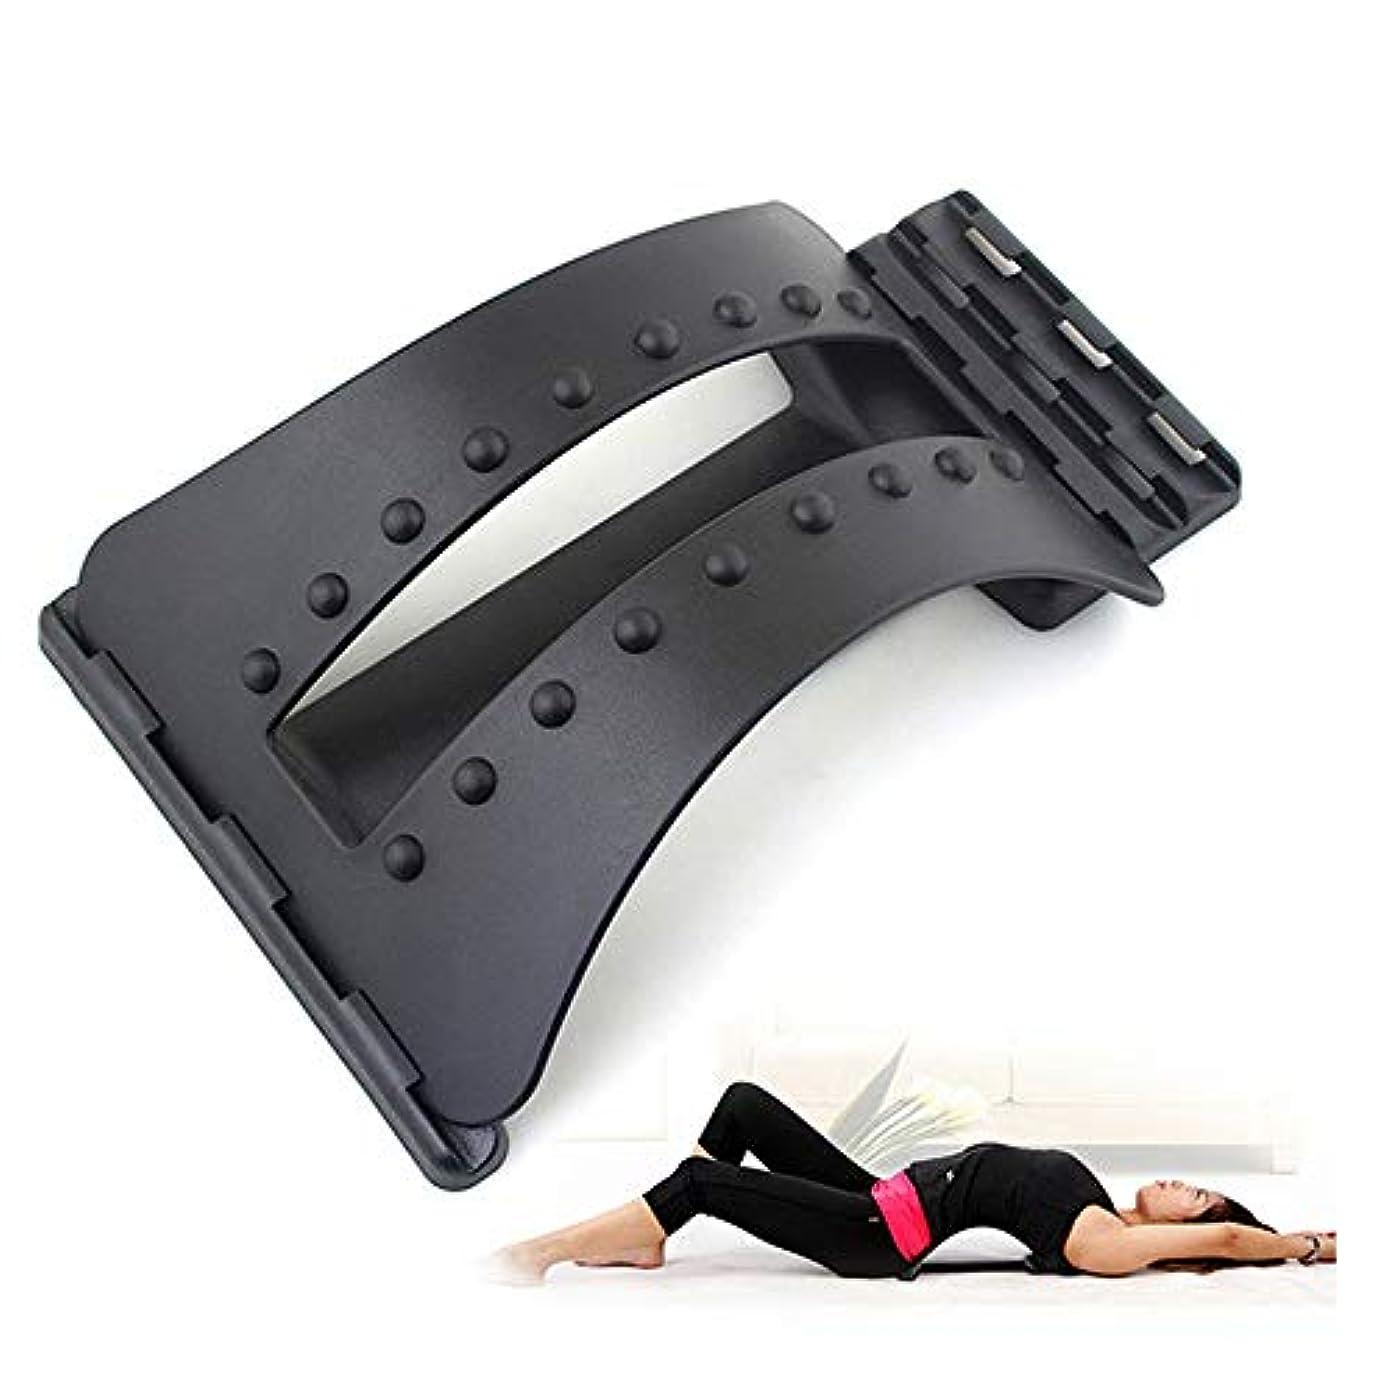 サスペンション軽食に付ける背中マッサージストレッチャーフィットネスマッサージ機器ストレッチリラックスストレッチャー腰椎サポート脊椎疼痛救済カイロプラクティックドロップシップ